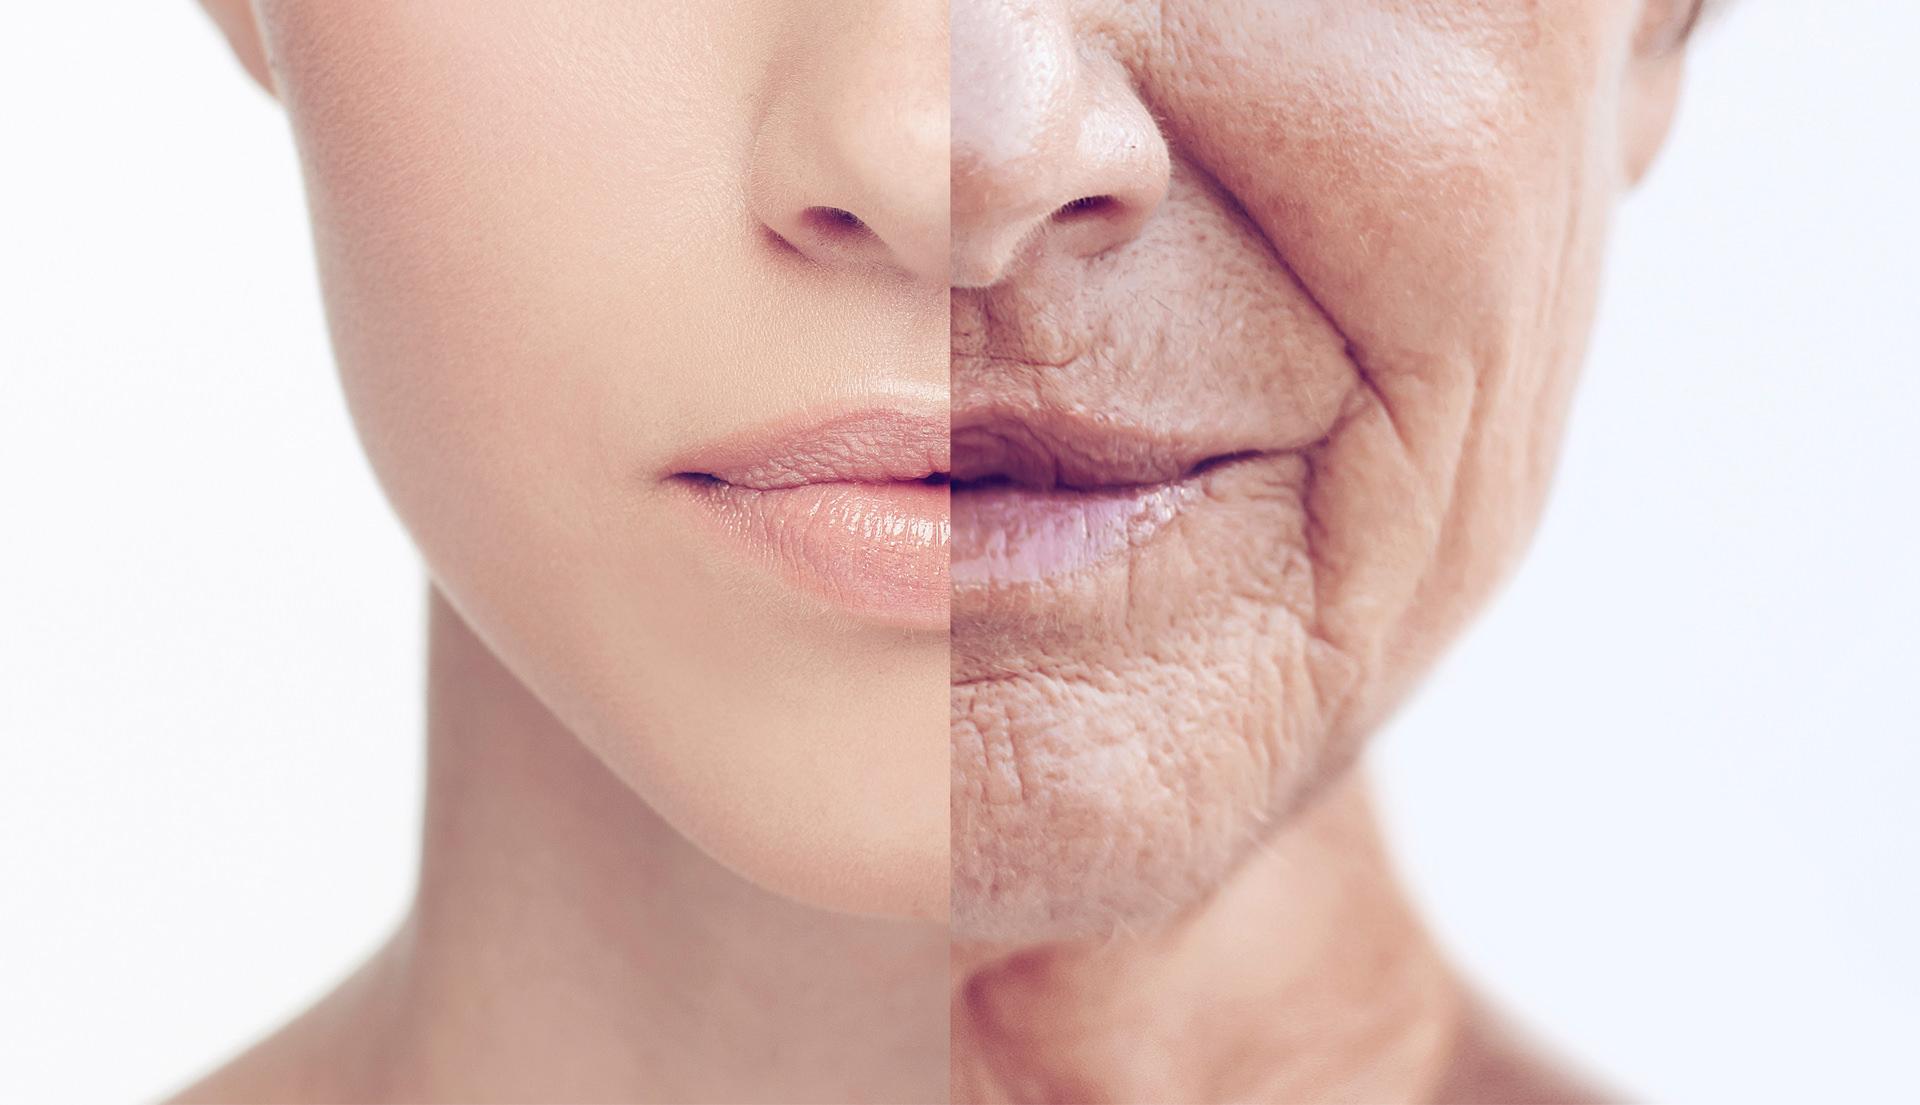 Yến sào bí quyết trong việc chống lão hóa ở người lớn tuổi – Yến Sào An Toàn